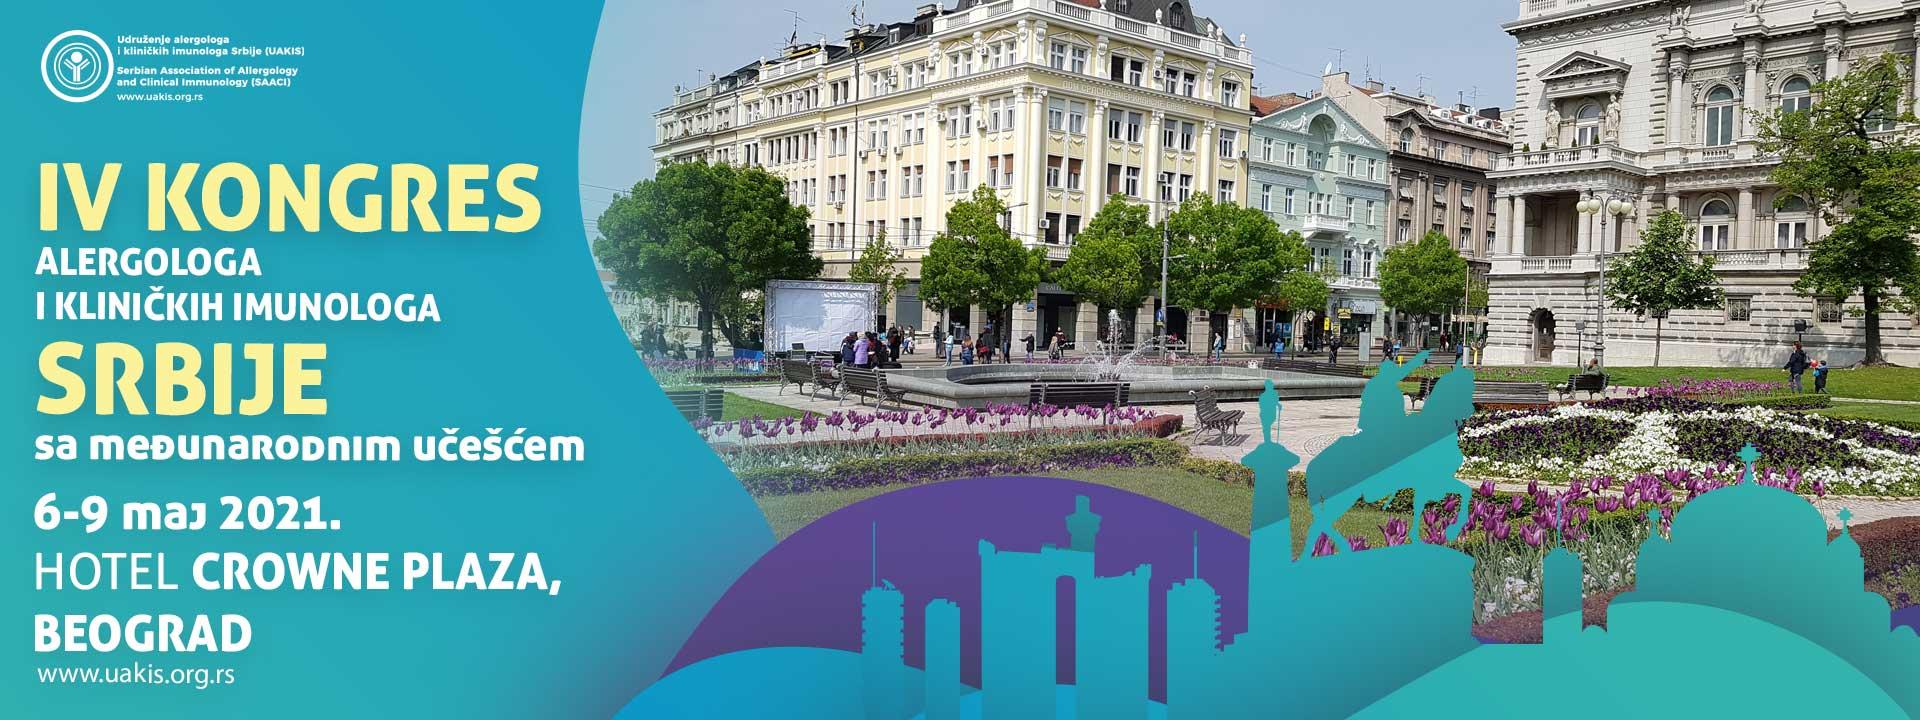 IV Kongres alergologa i kliničkih imunologa Srbije Beograd 2021